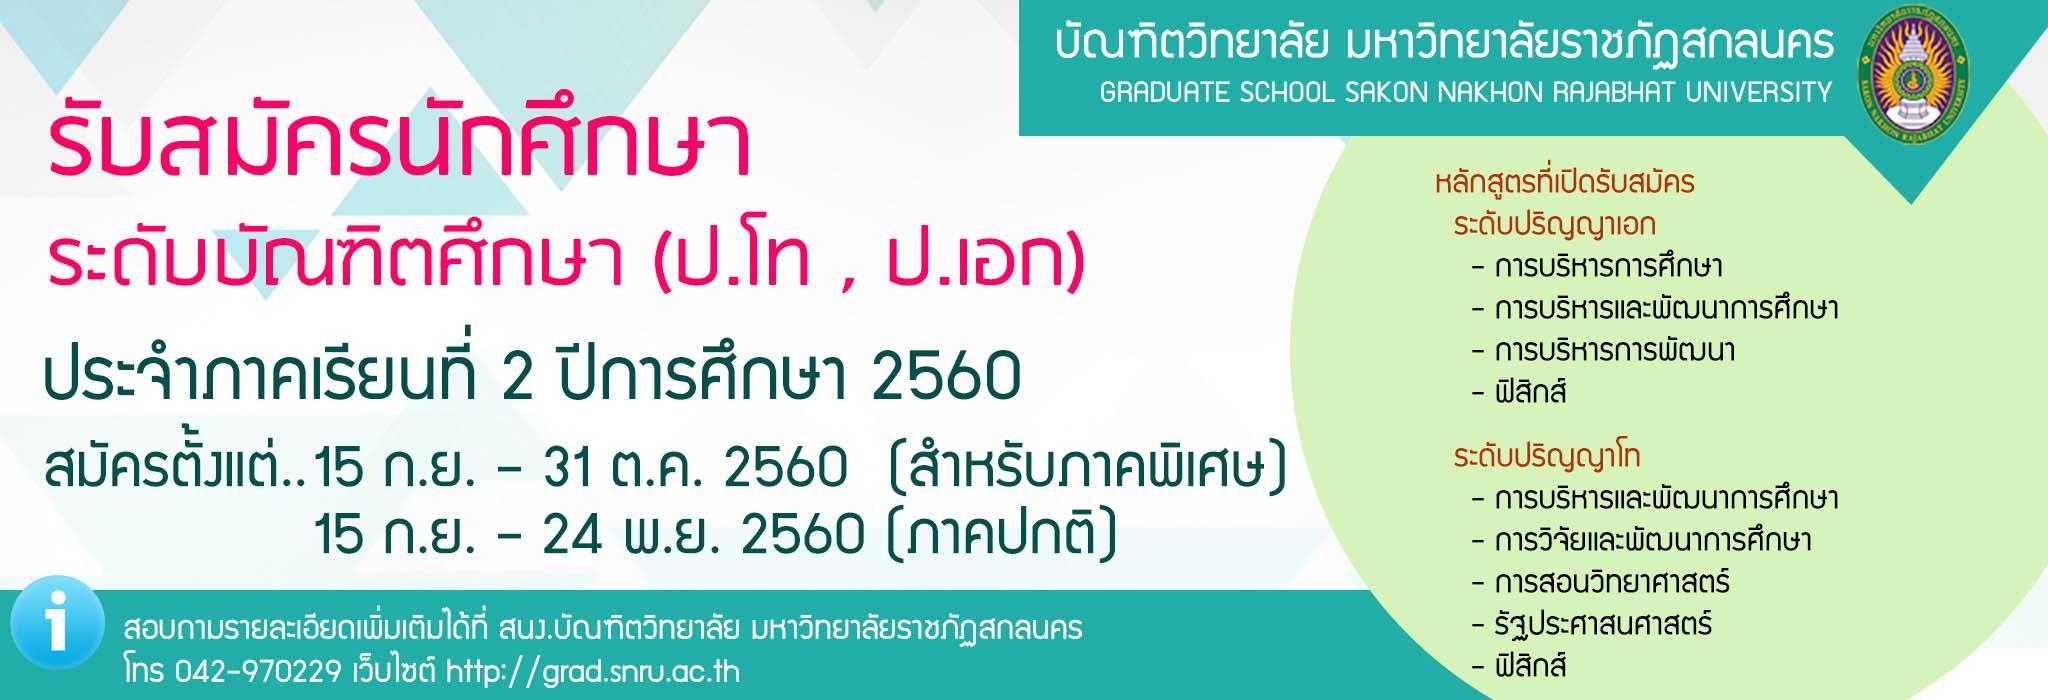 รับสมัครนักศึกษาระดับบัณฑิตศึกษา ภาคเรียนที่ 2 ปีการศึกษา 2560